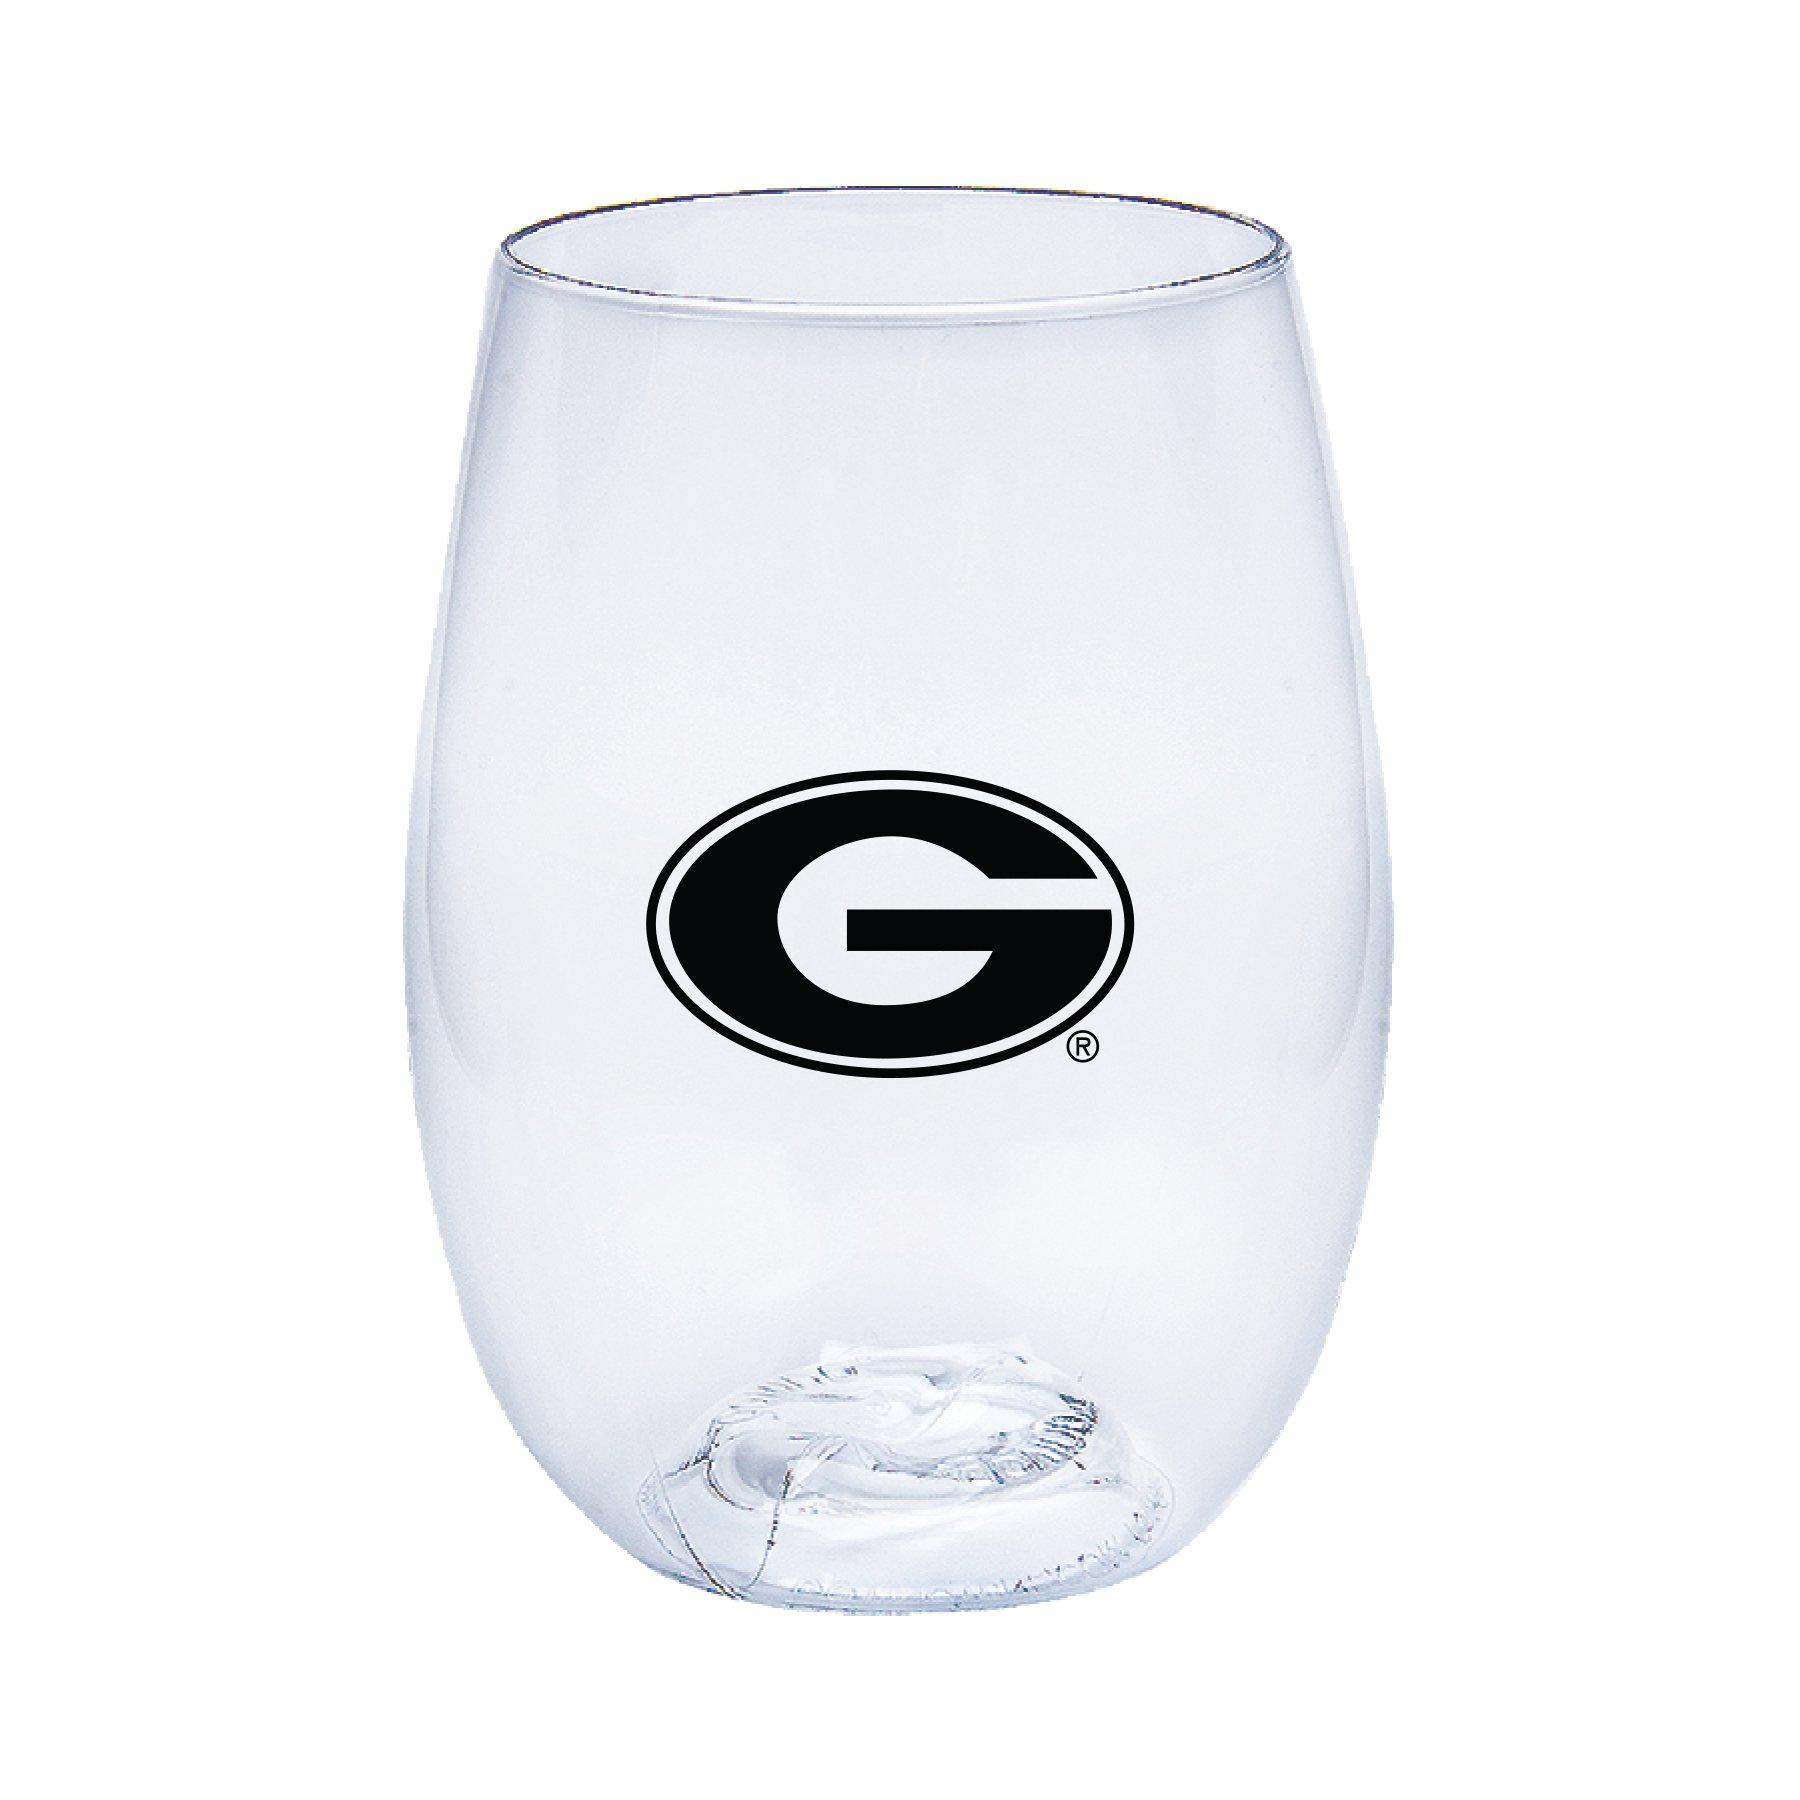 Neil Varsity Georgia Bulldogs Govino Shatterproof Wine or Beverage Glasses - Boxed set of 4